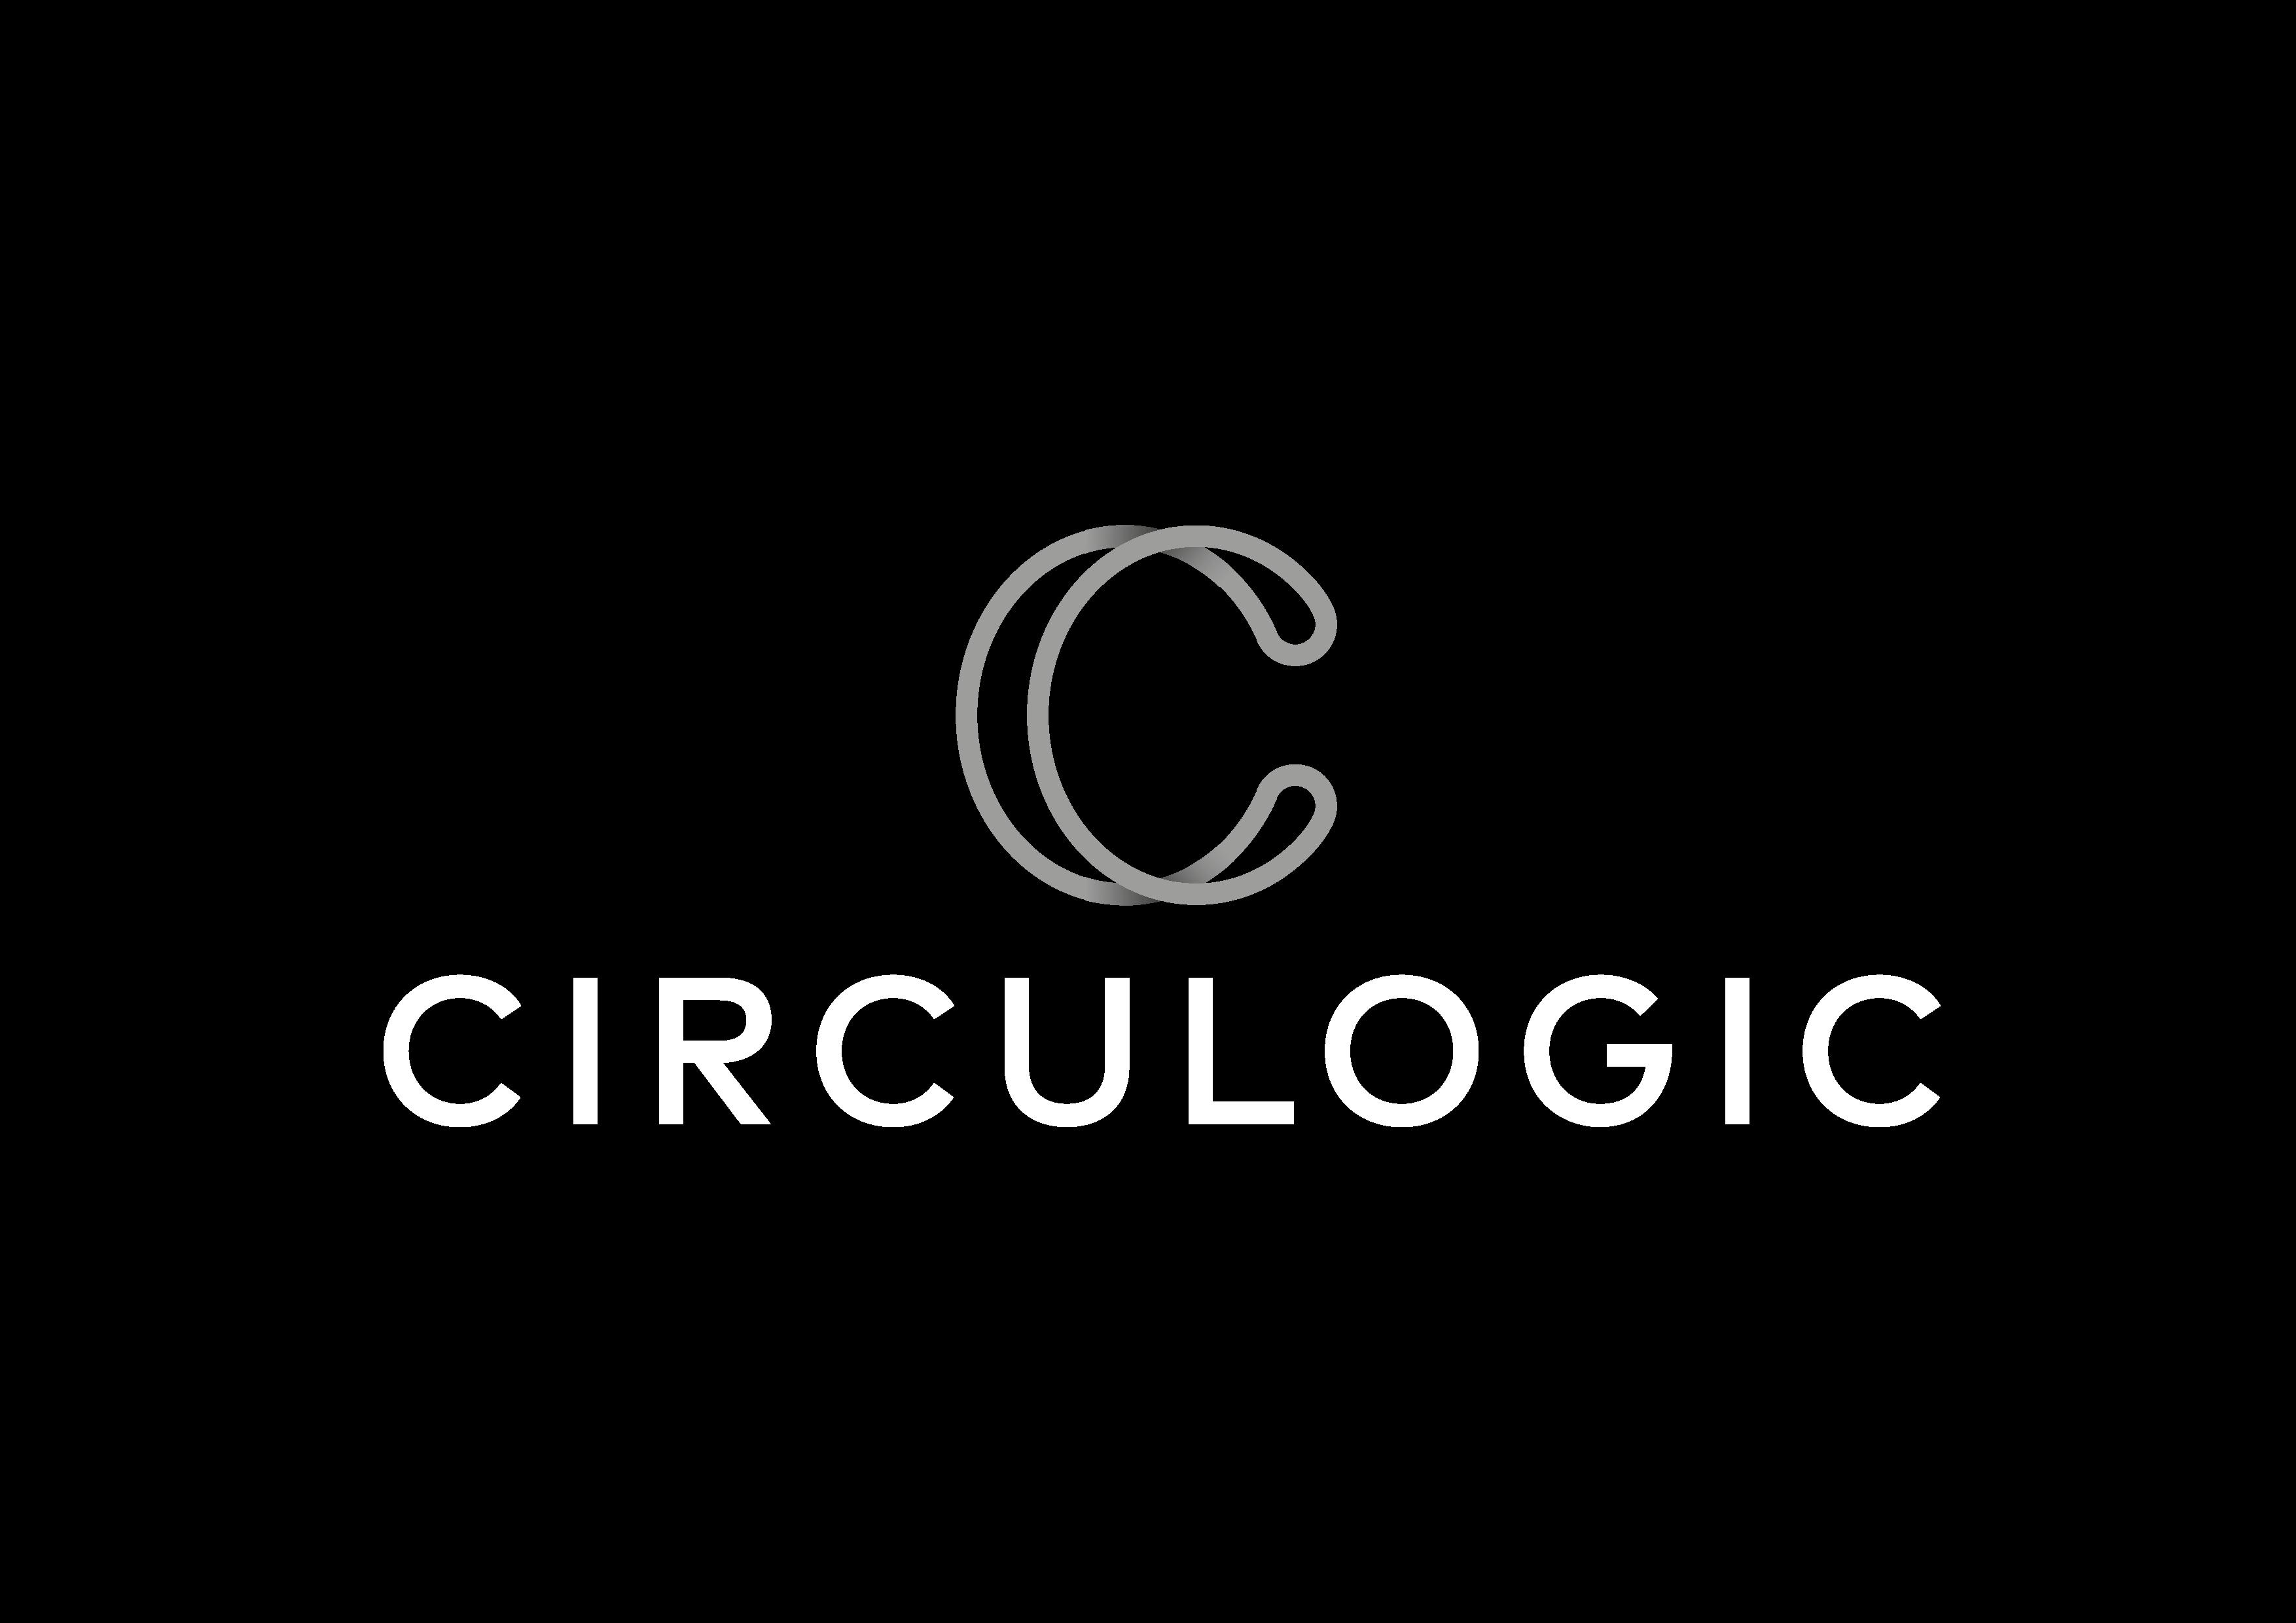 Circulogic-35